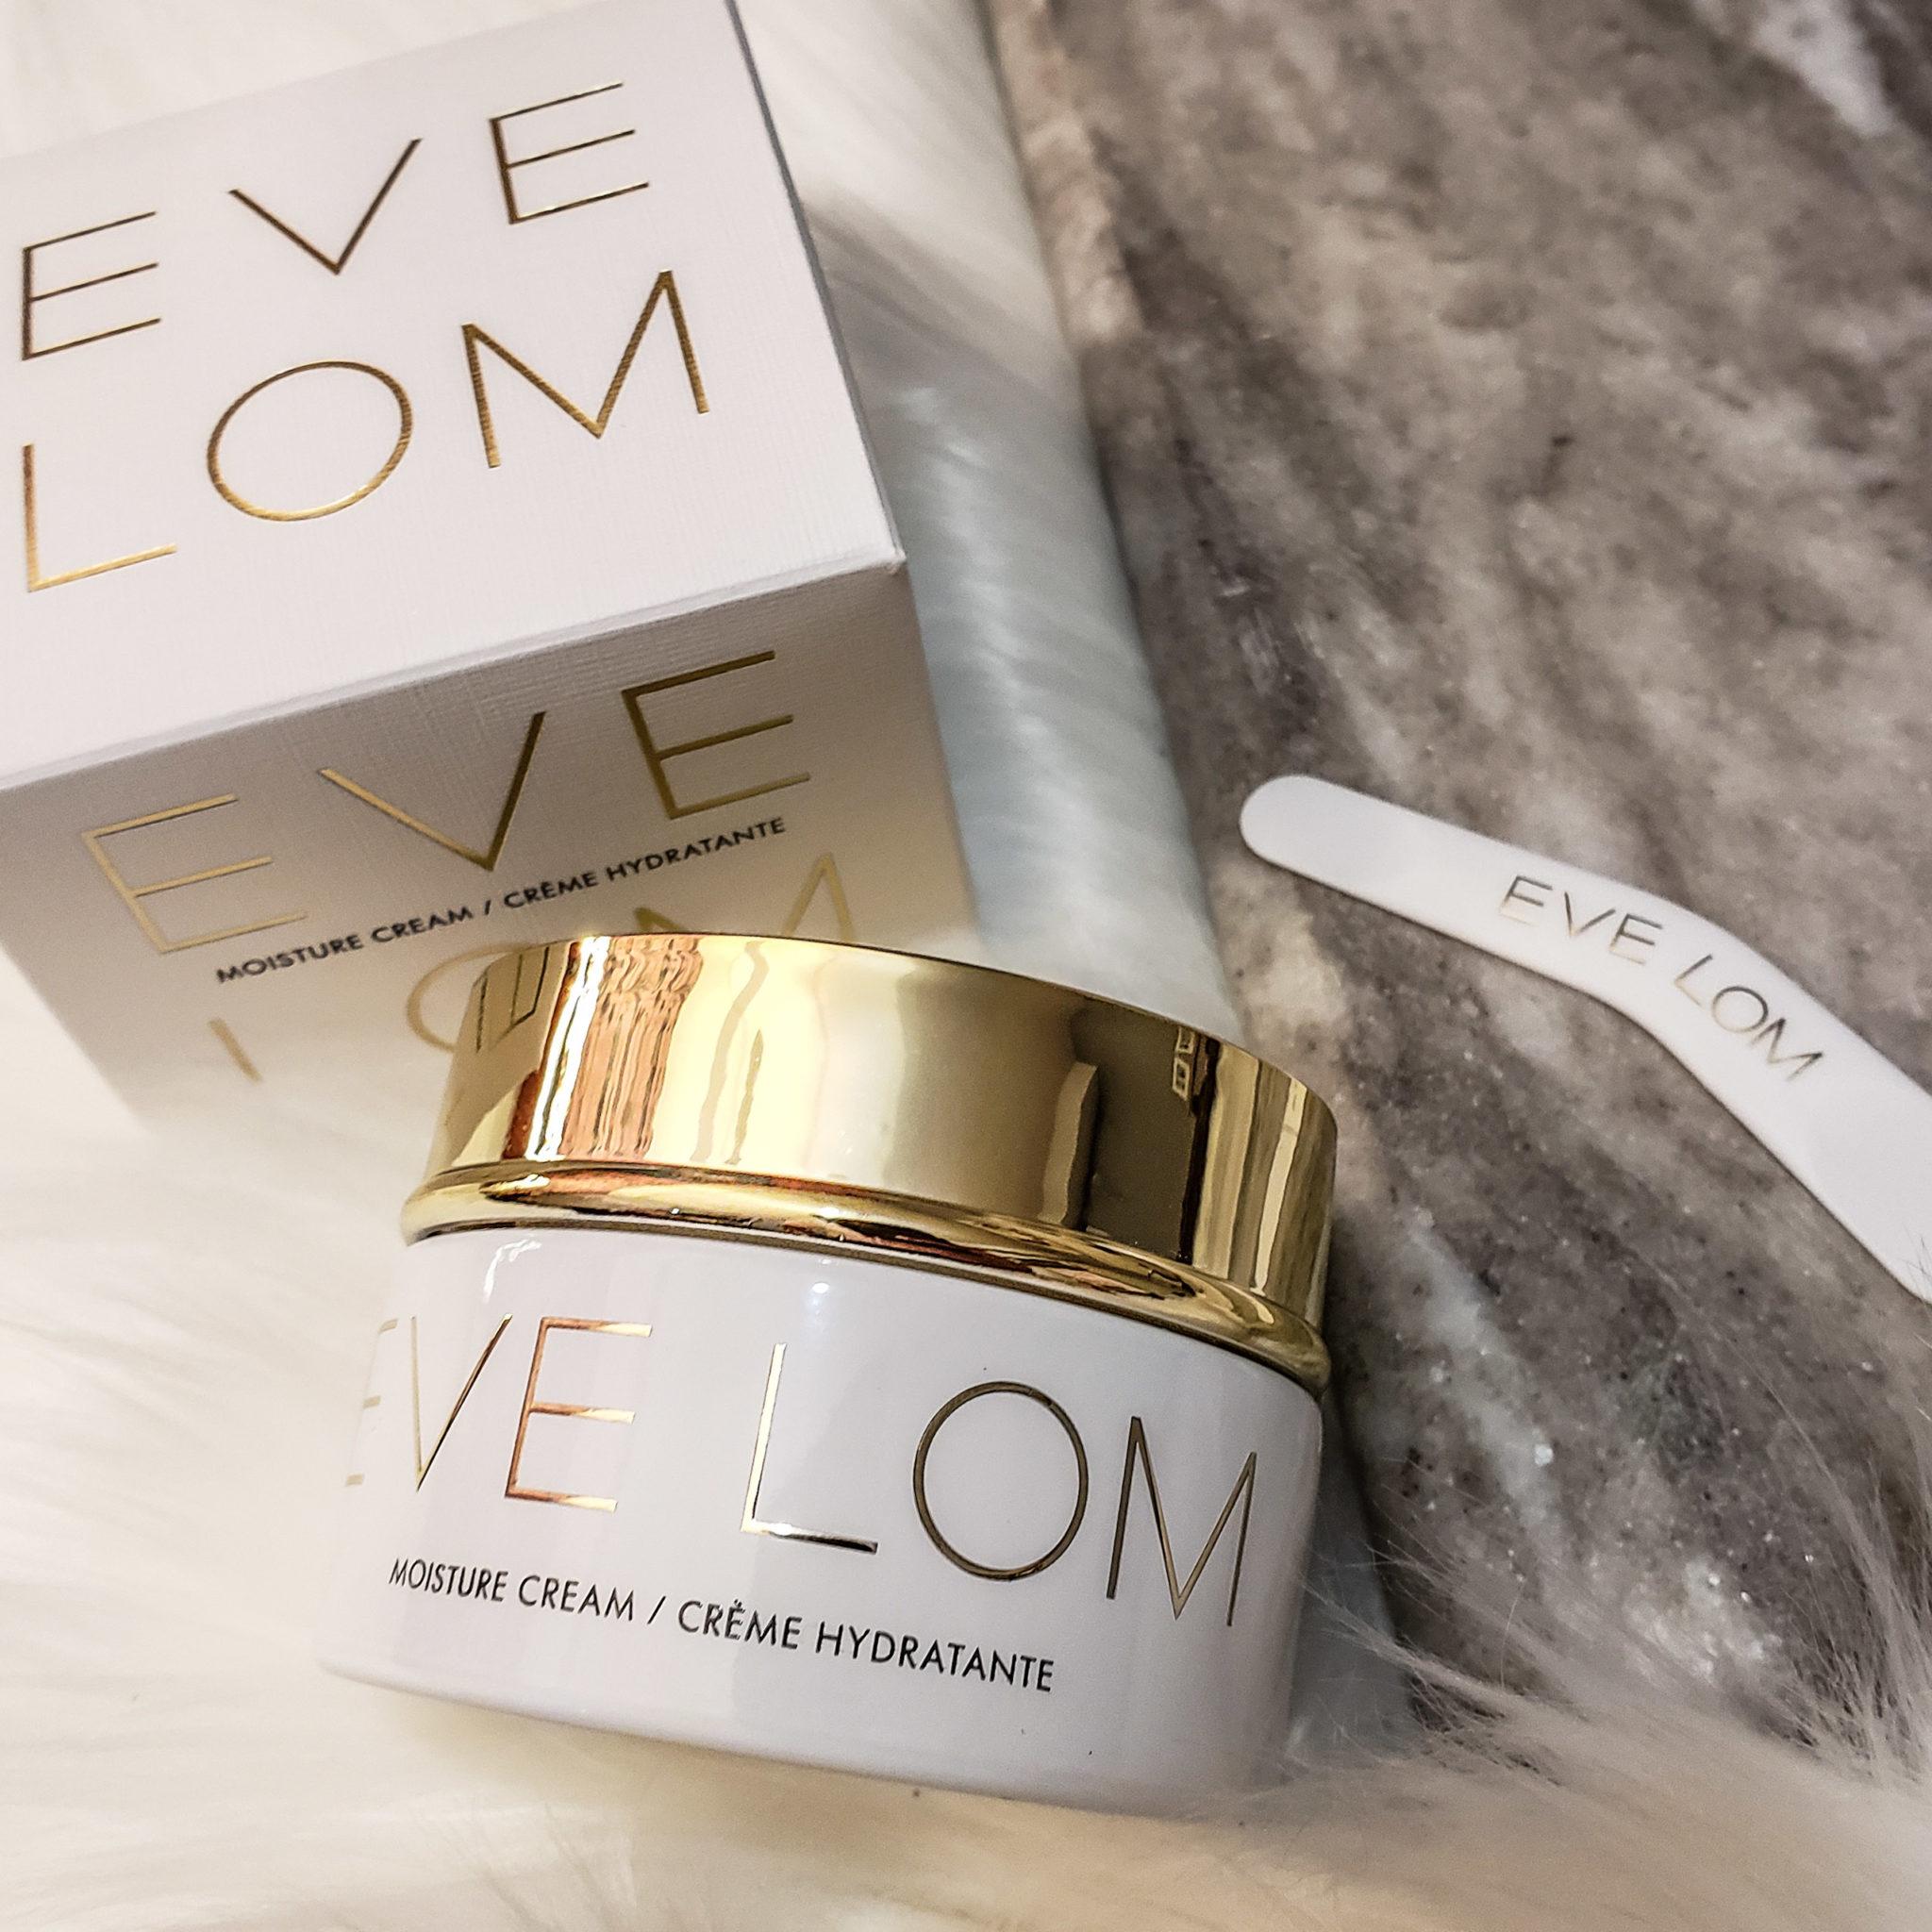 Skincare - Shopper's Drug Mart - Eve Lom Moisture Cream